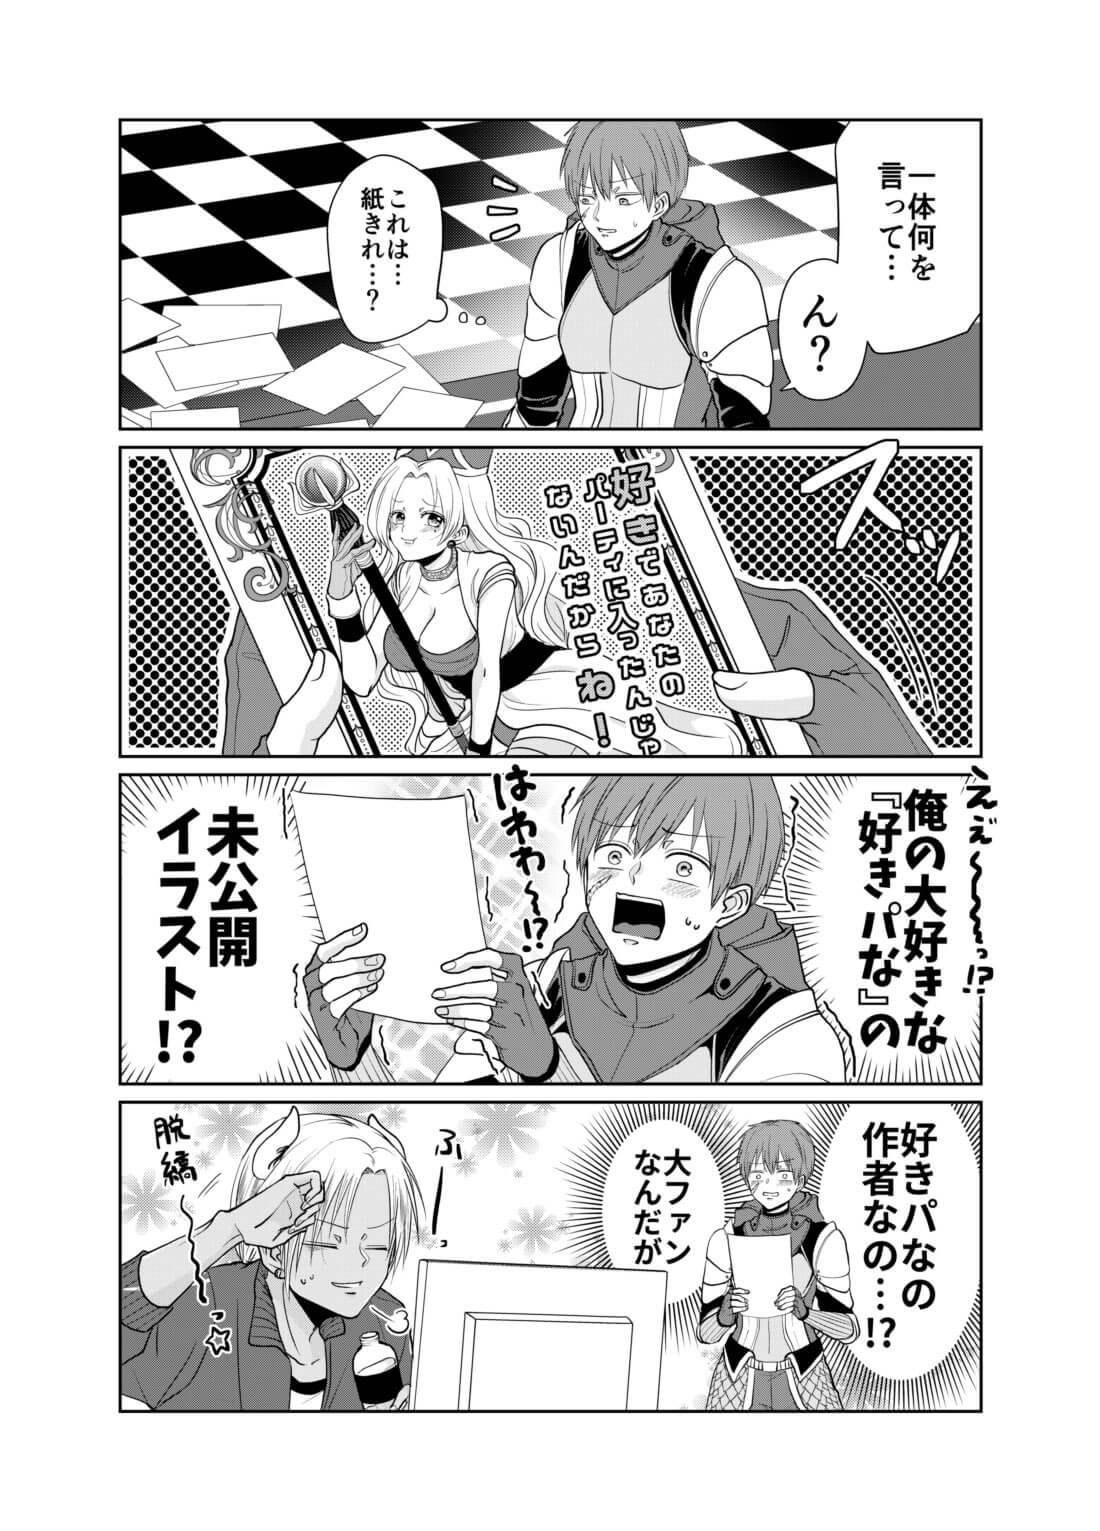 漫画家魔王とオタク勇者の話02